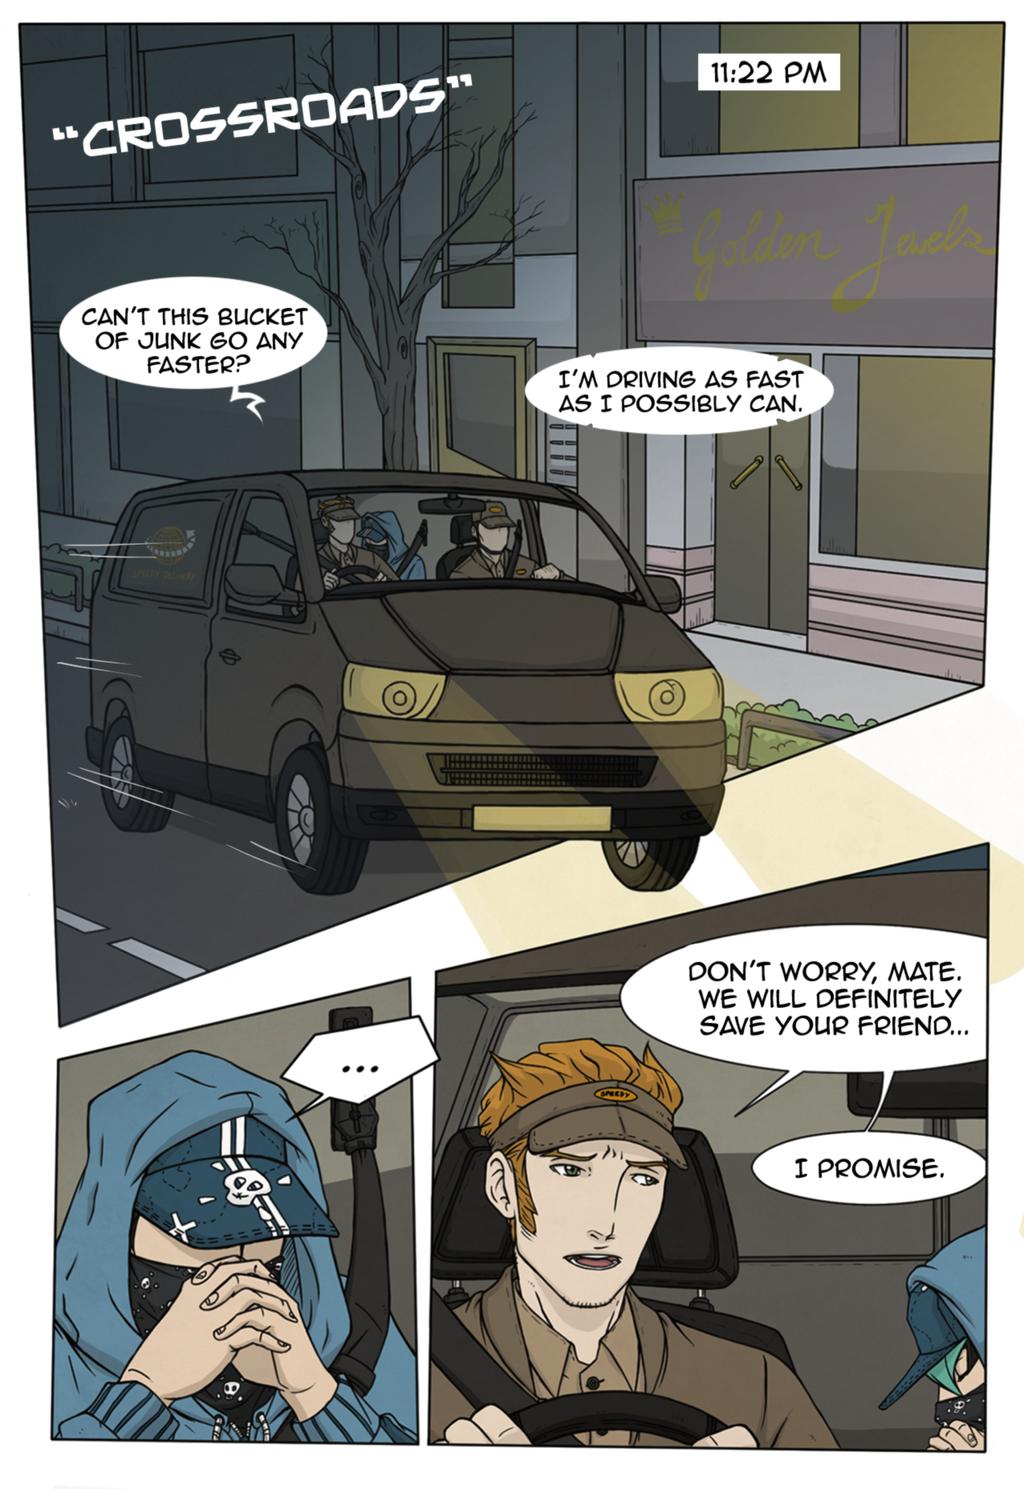 Crossroads - Page 1 by LightSeeker